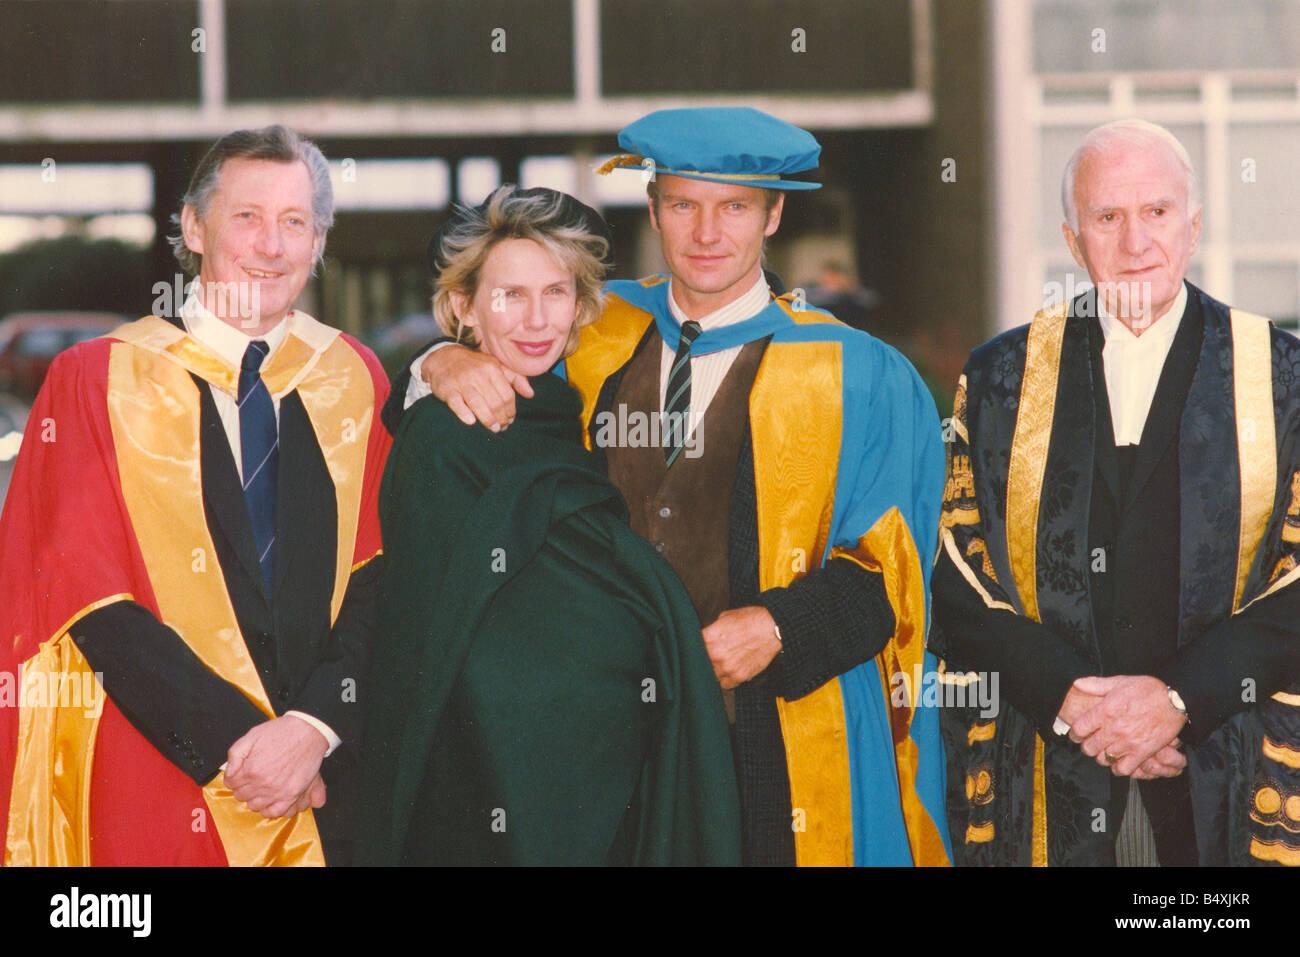 LIB-Sänger Sting Erhalt seiner Ehrendoktorat von Musik von der University of Northumbria für seinen Beitrag zu den Künsten und sein Einfluss auf die Ökologie Bild mit seiner Frau Trudie Styler 13. November 1992 Stockfoto